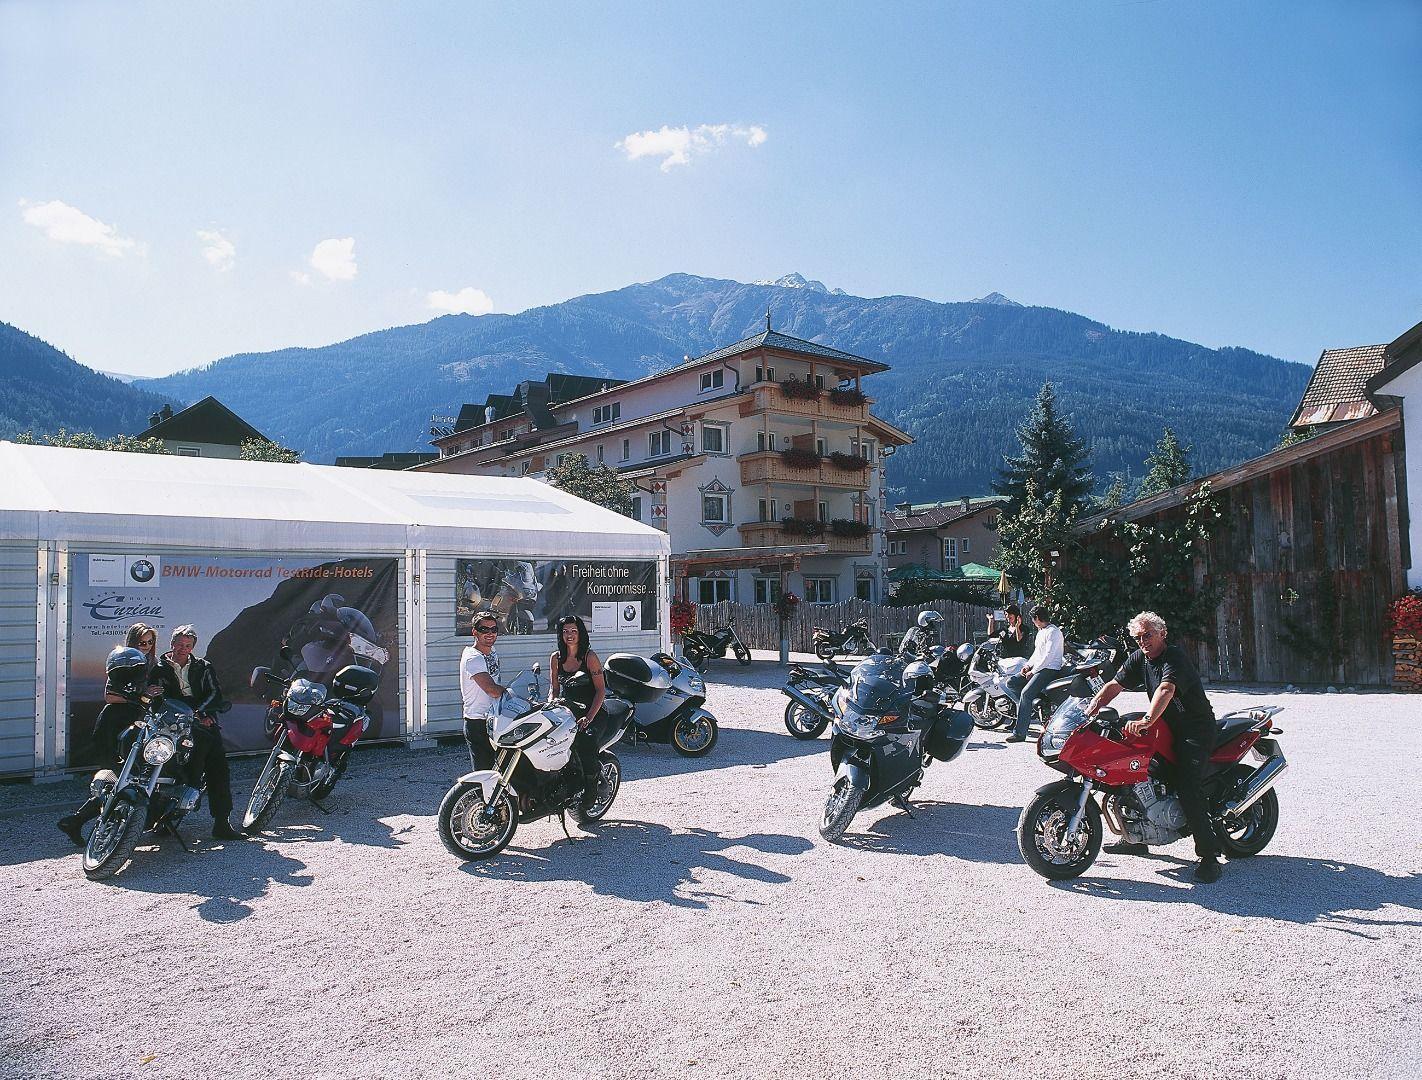 Hotel Enzian - Motorcycle rental